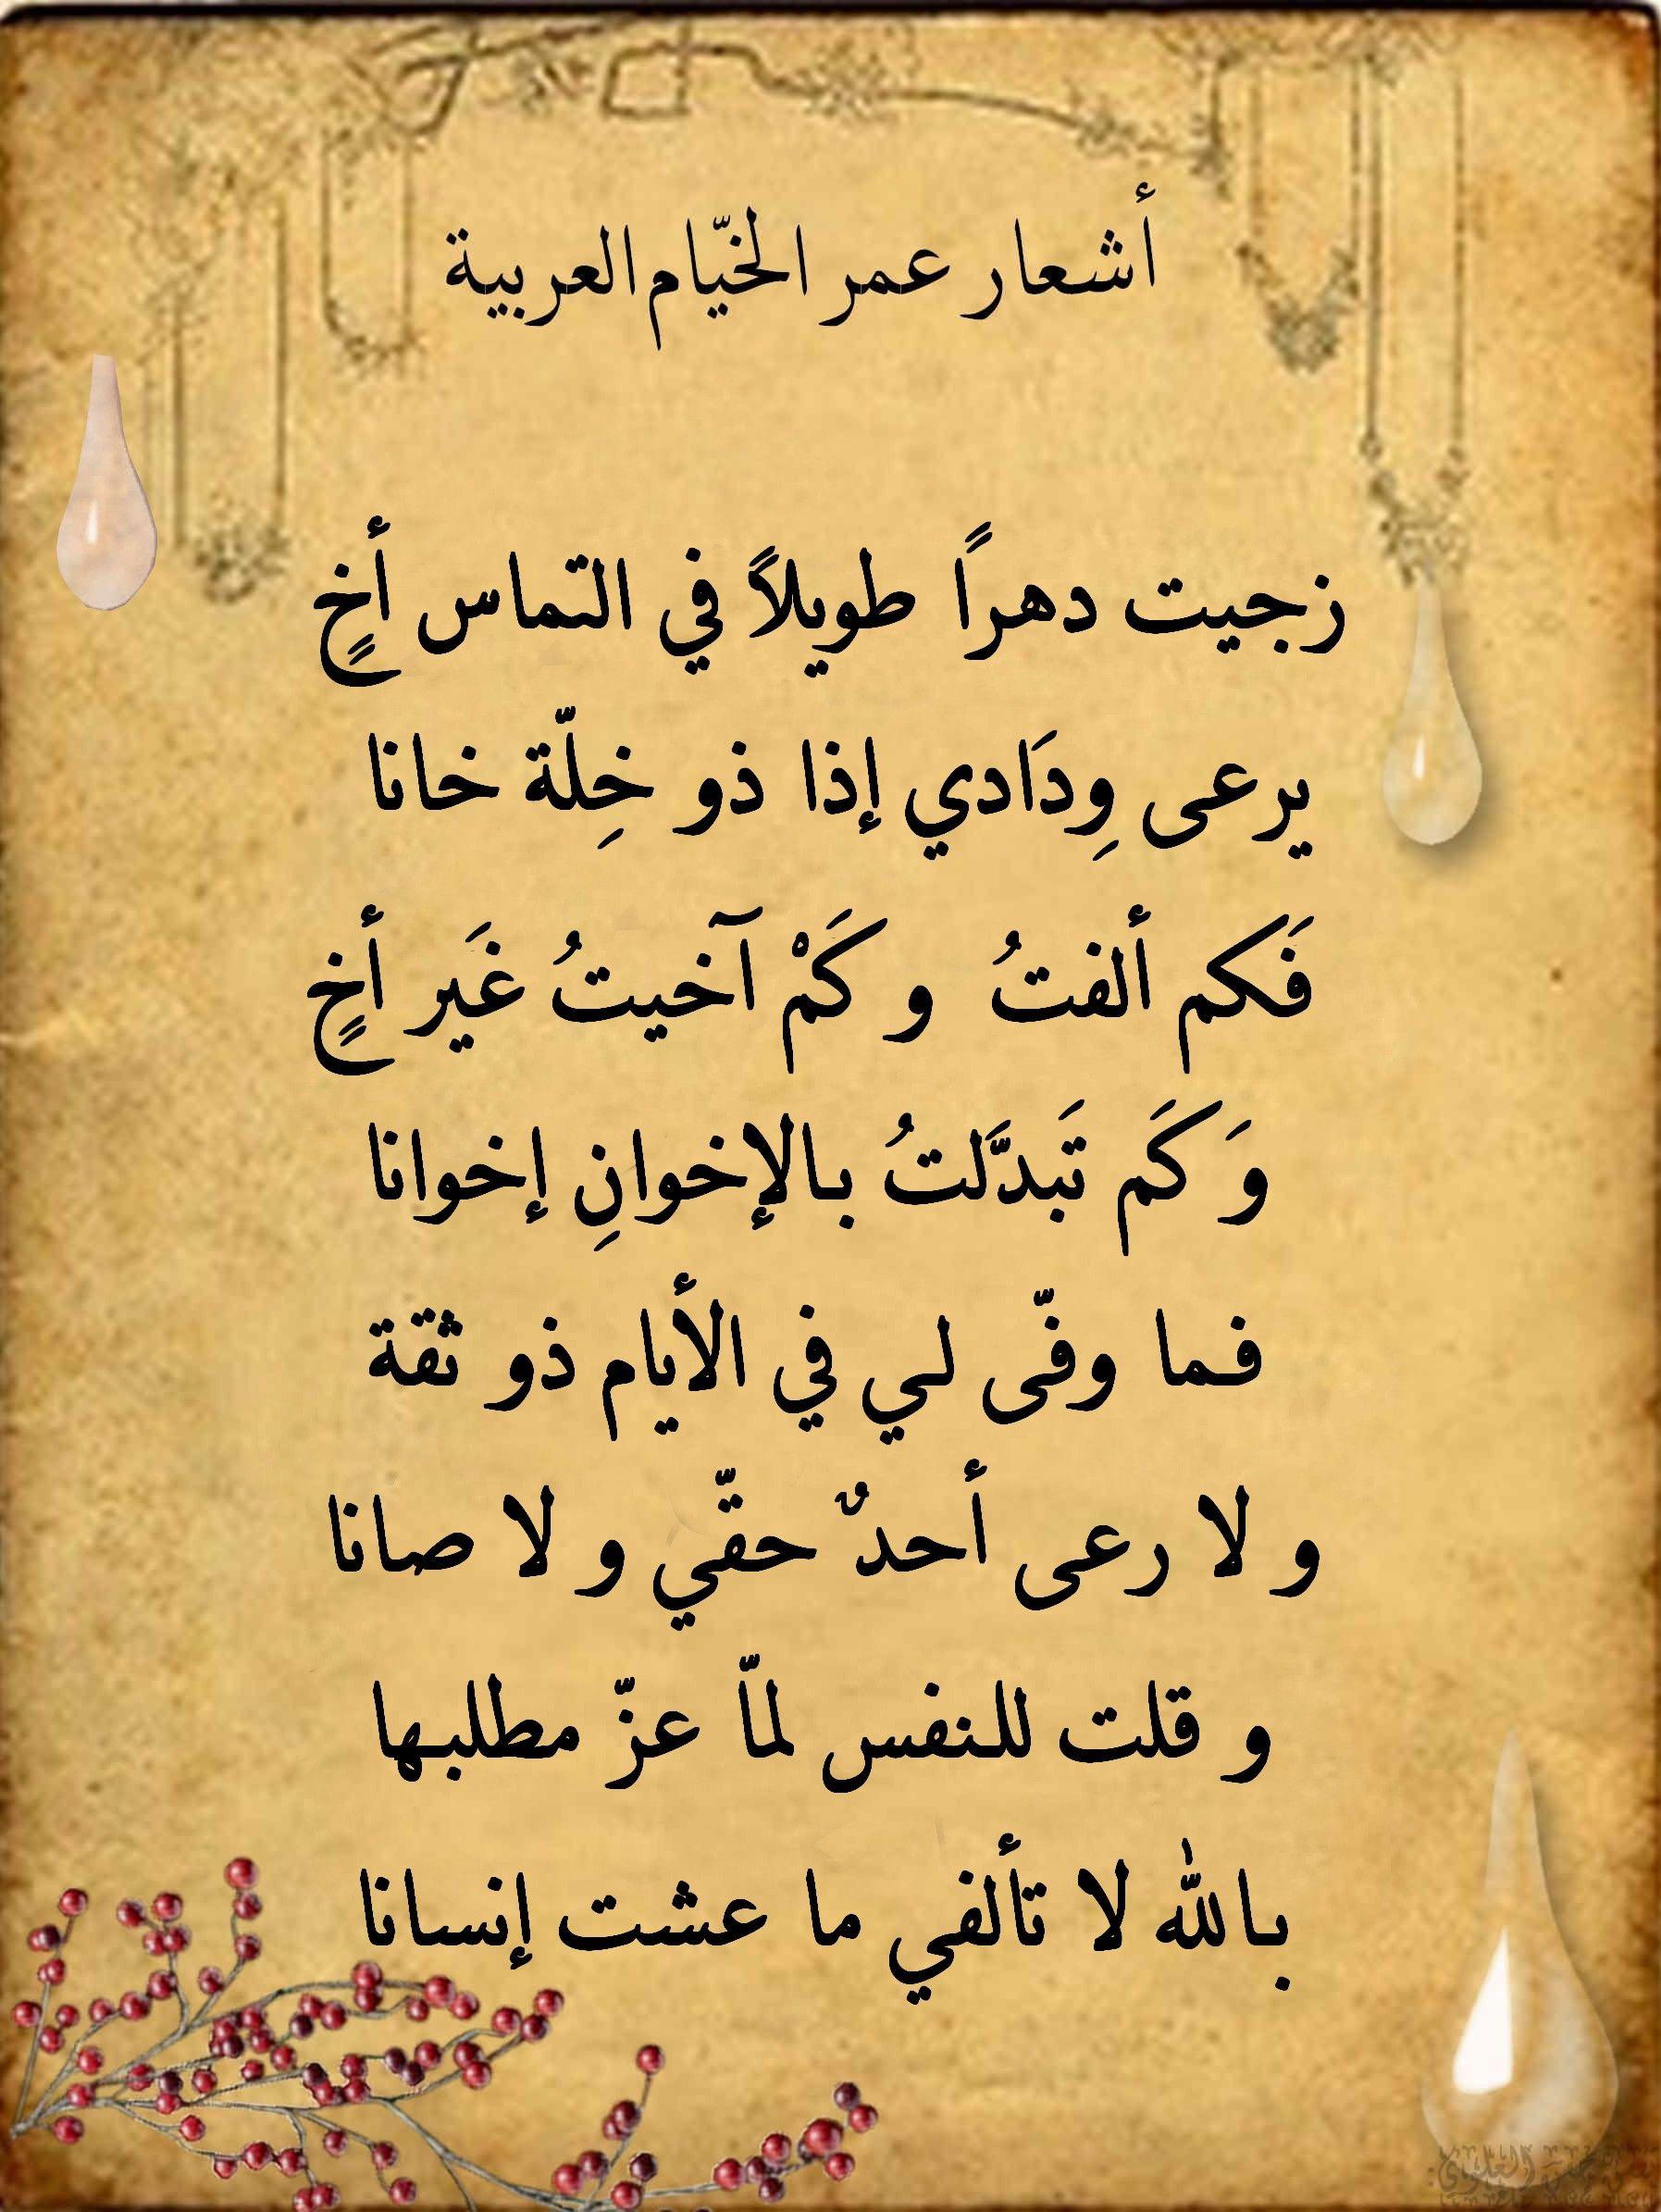 زجيت دهرا طويلا في التماس أخ Wisdom Expressions Arabic Calligraphy